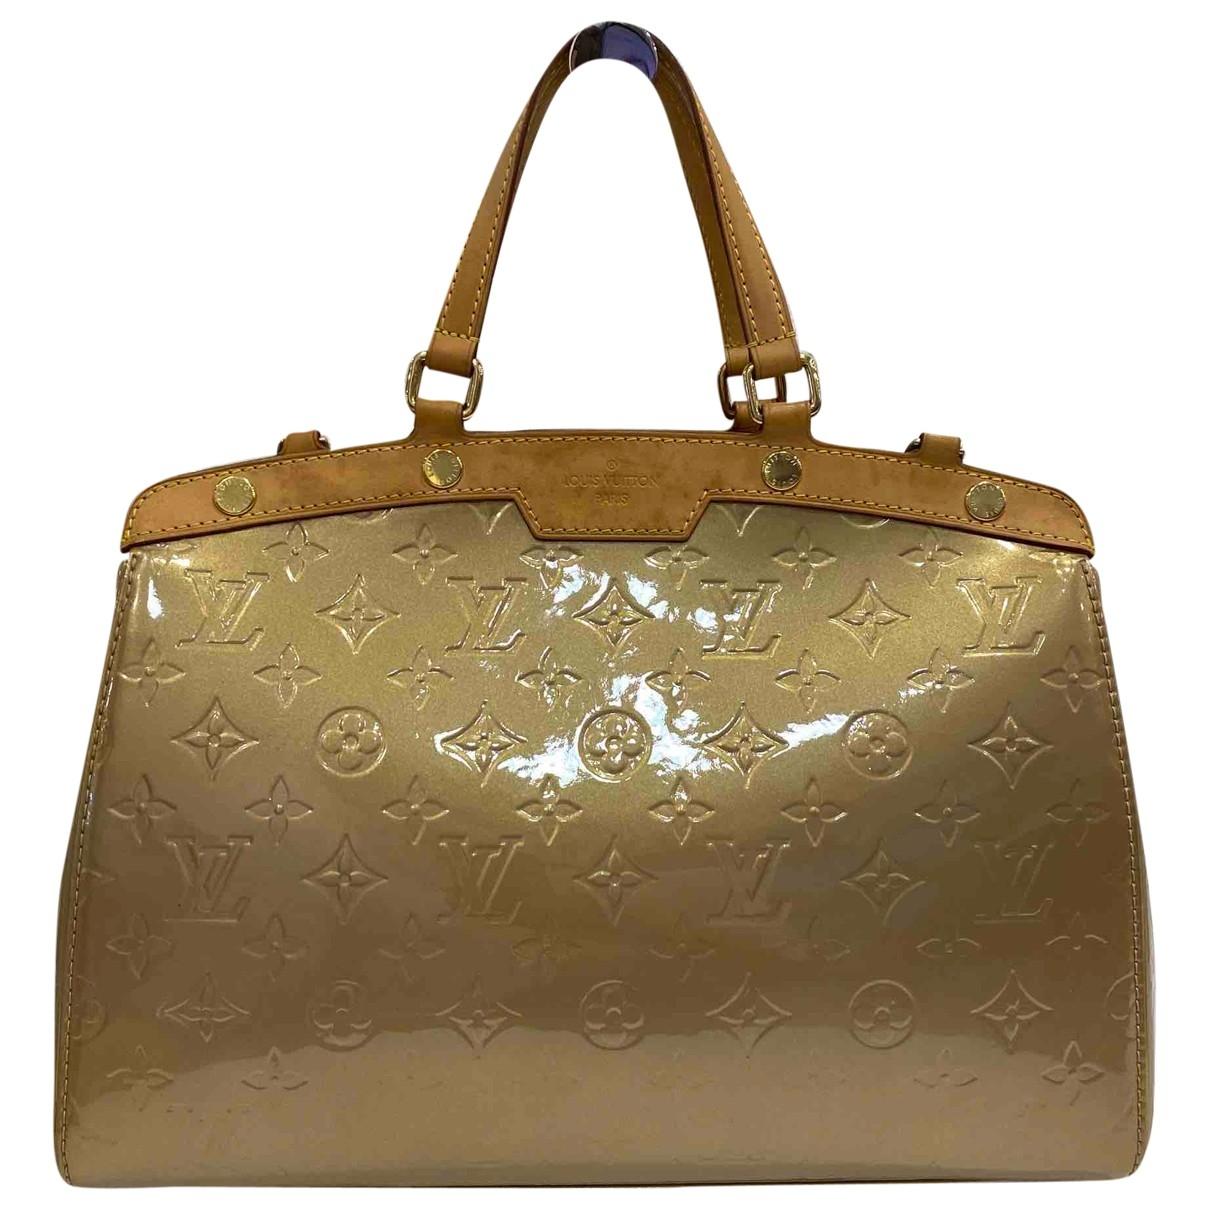 Louis Vuitton - Sac a main Brea pour femme en cuir verni